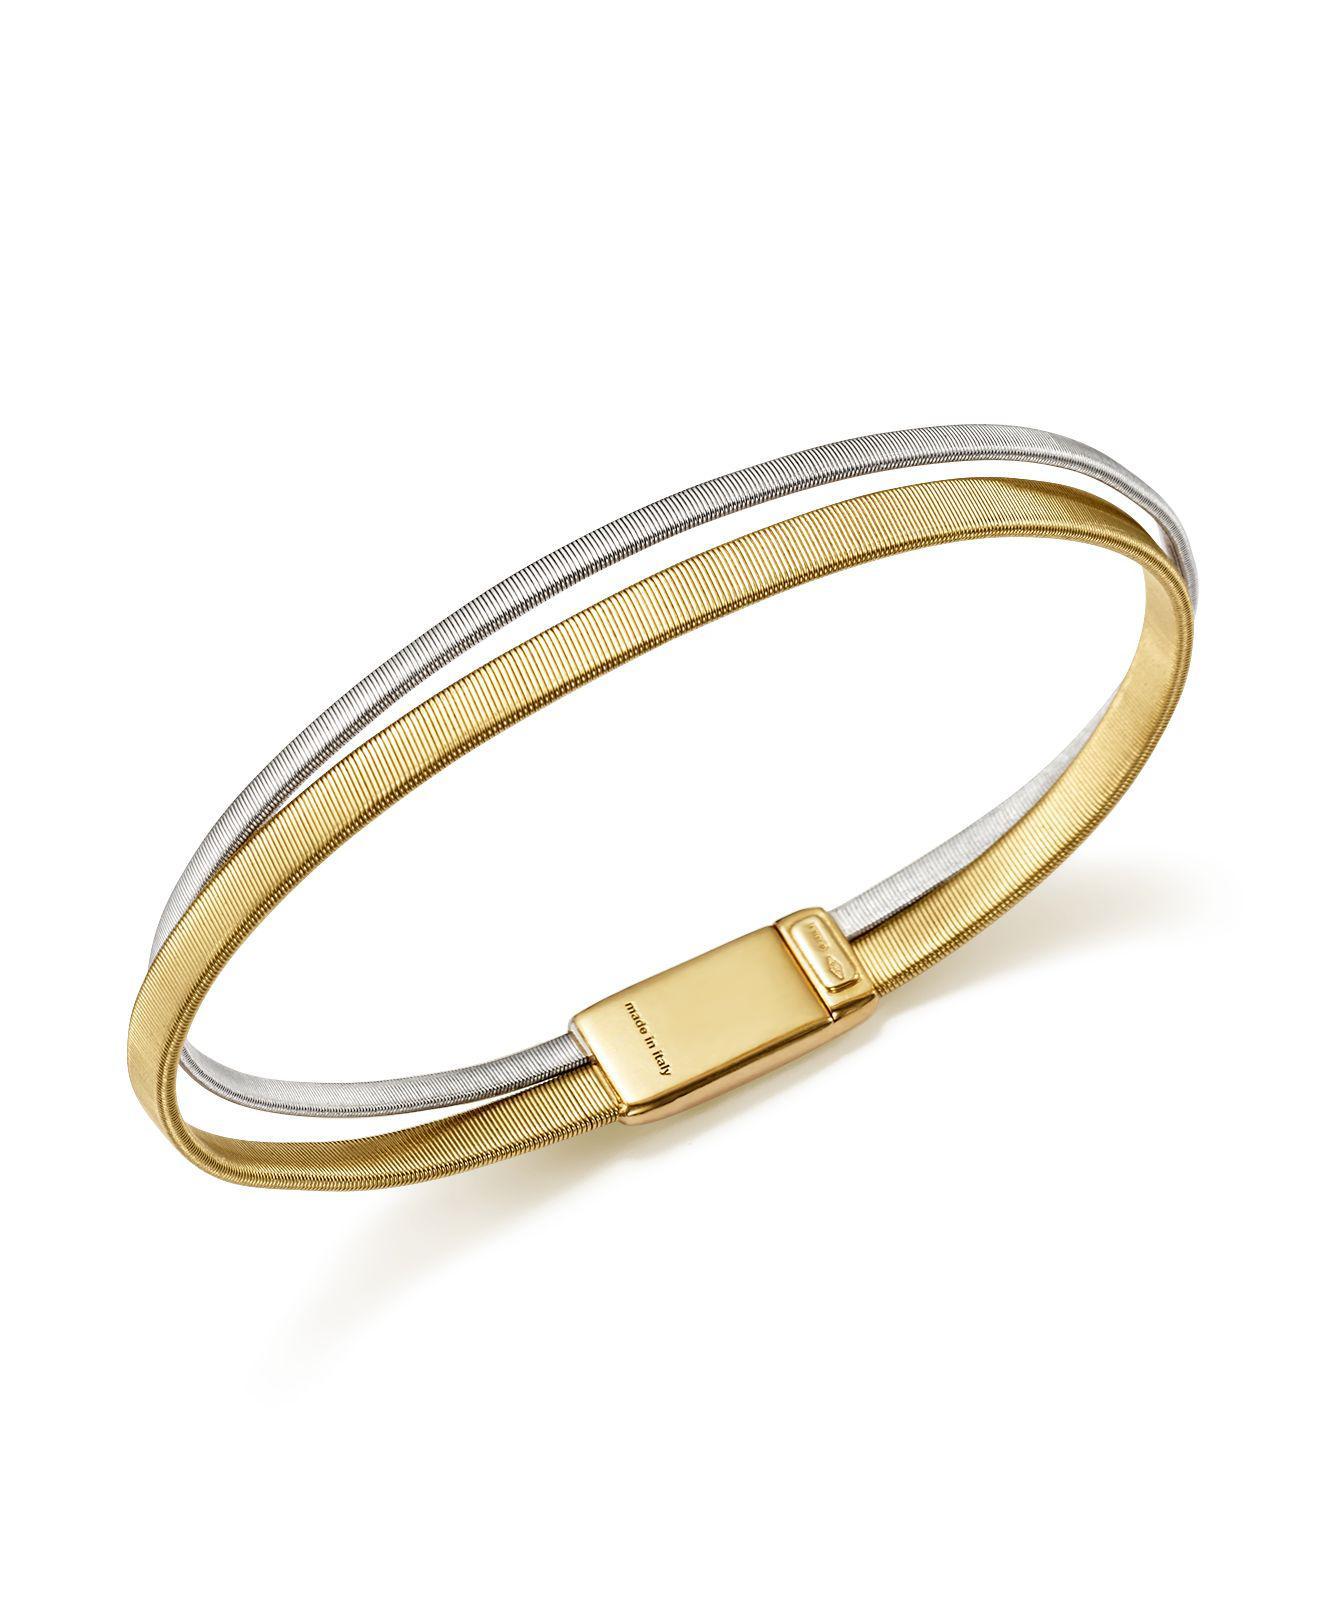 Marco Bicego Masai Two-Row 18K Yellow & White Gold Bracelet wOtCx